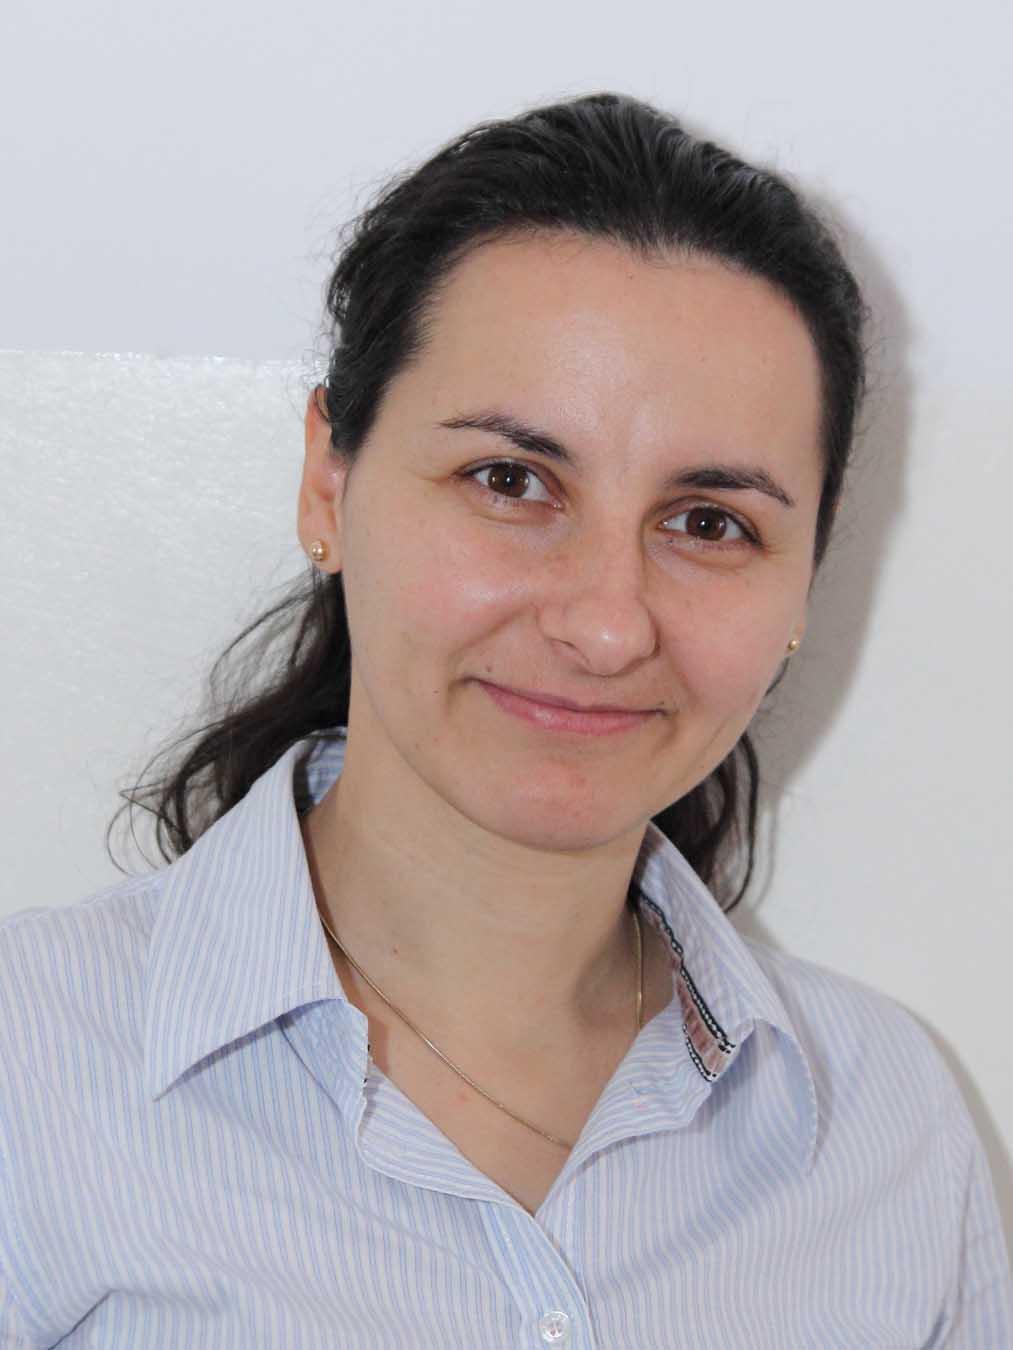 01 Mihaela Prunaru - profesor logoped, psihoterapeut